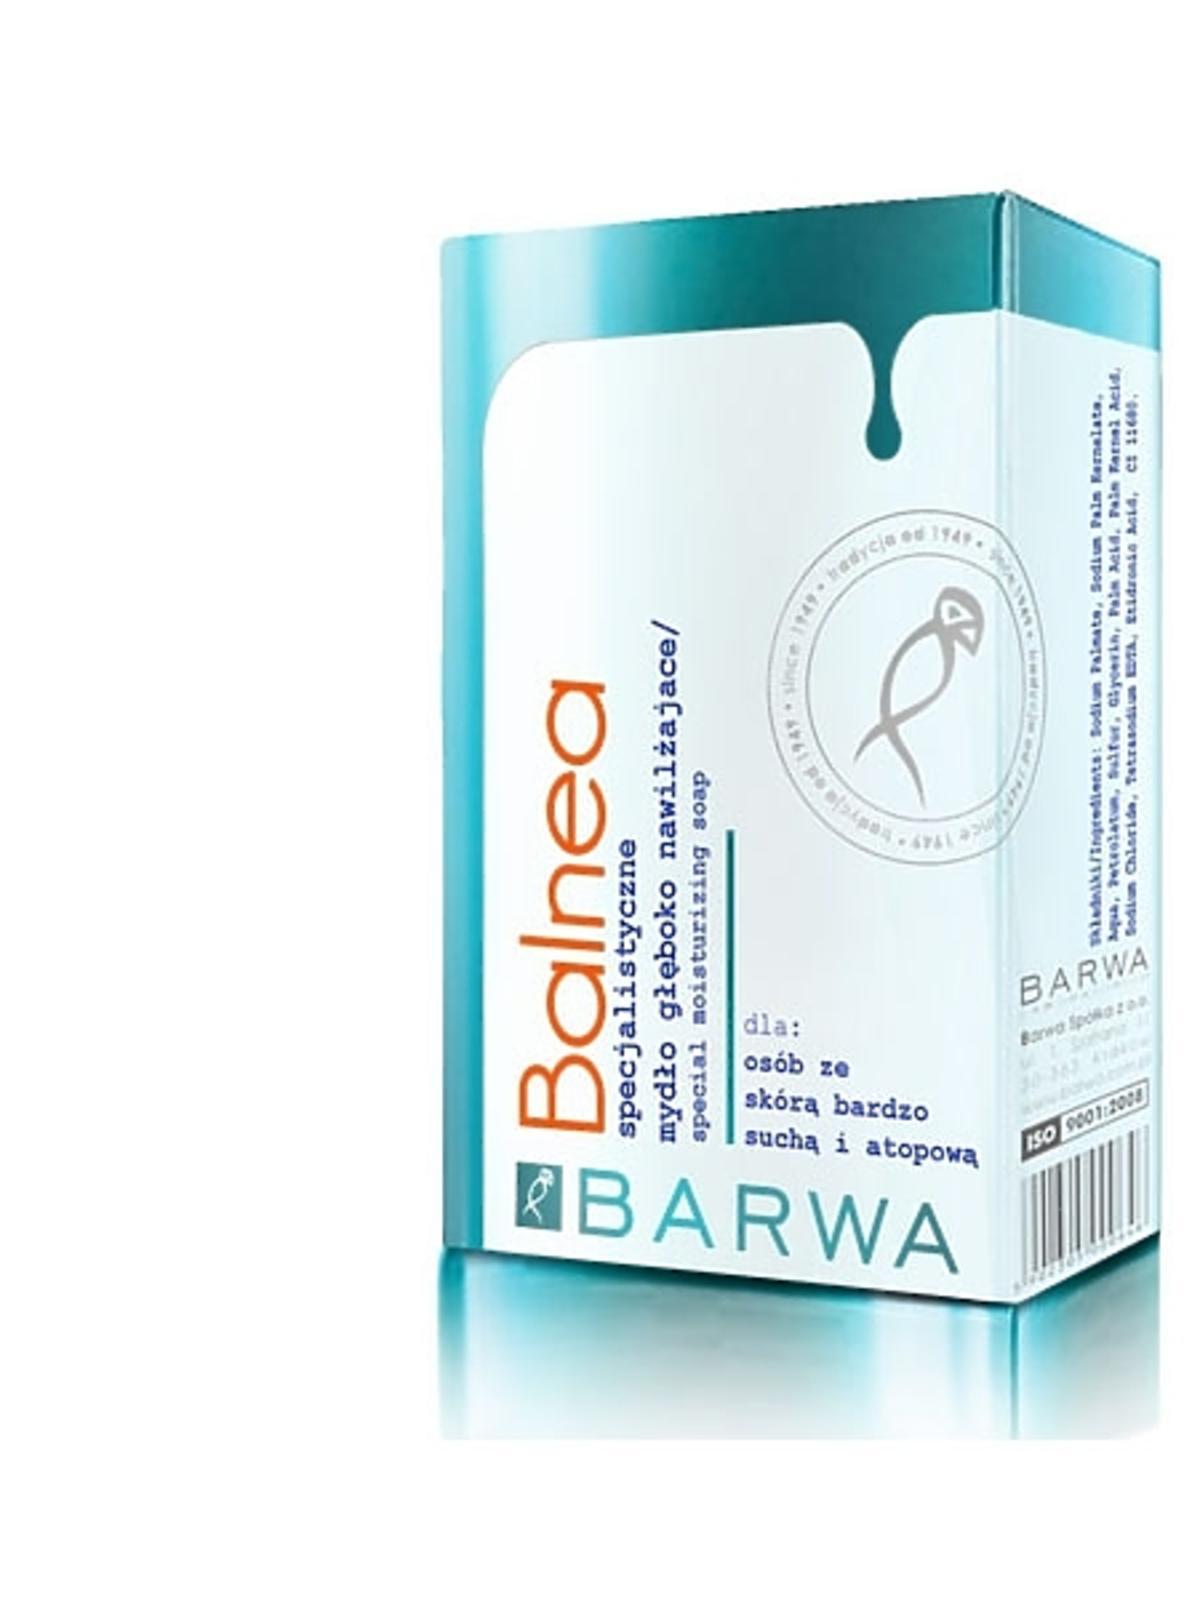 Mydło dla osób ze skórą bardzo suchą i atopową Barwa - Balnea, cena